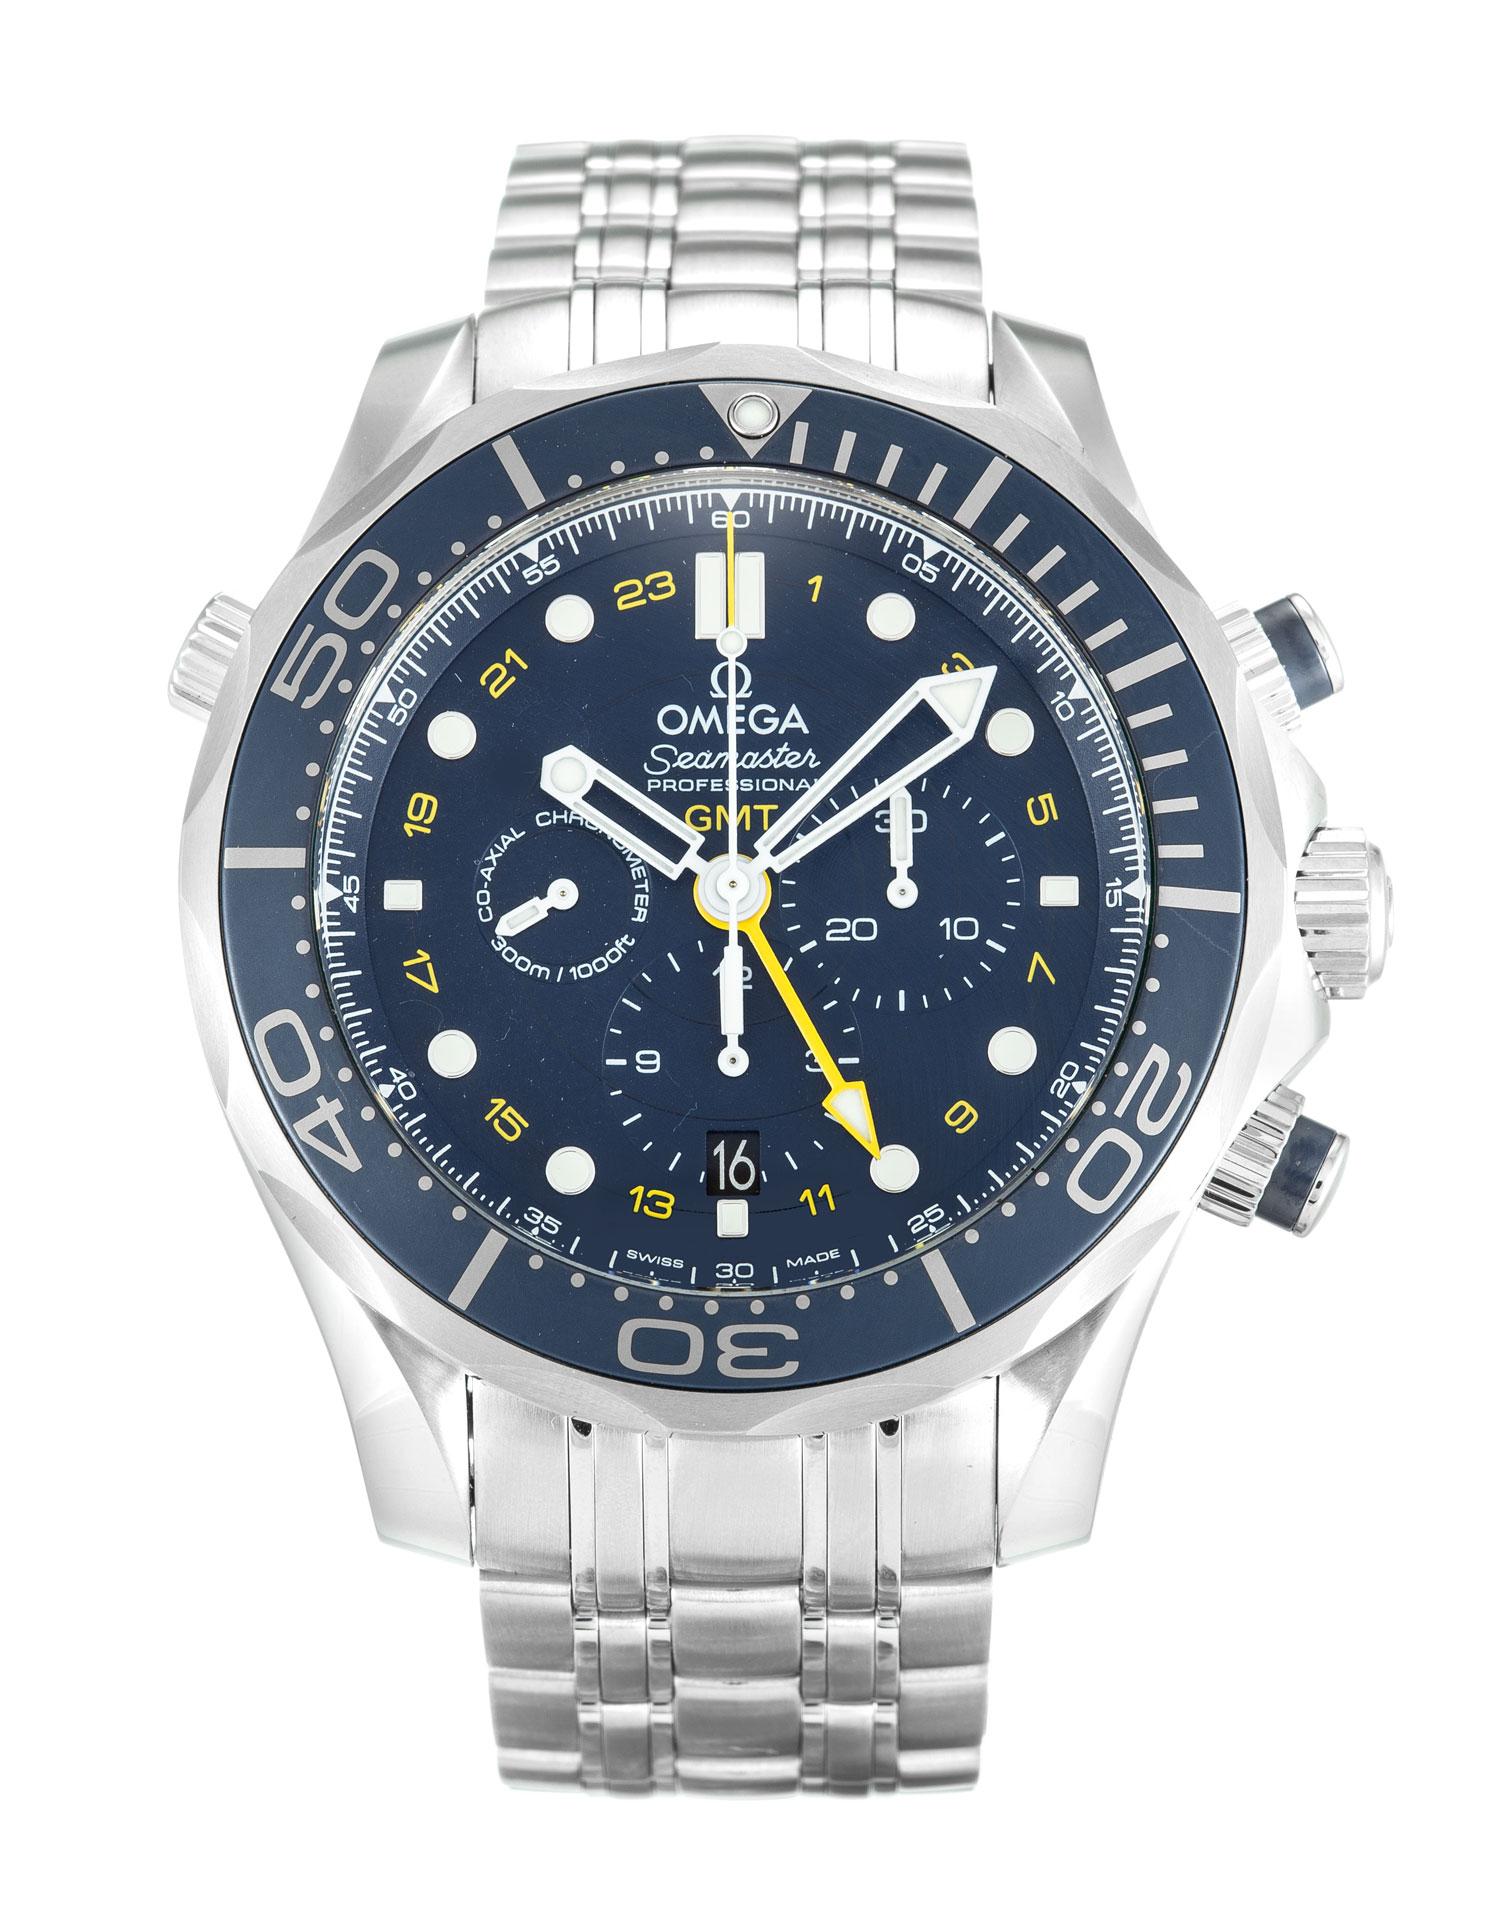 Omega Seamaster GMT 212.30.44.52.03.001